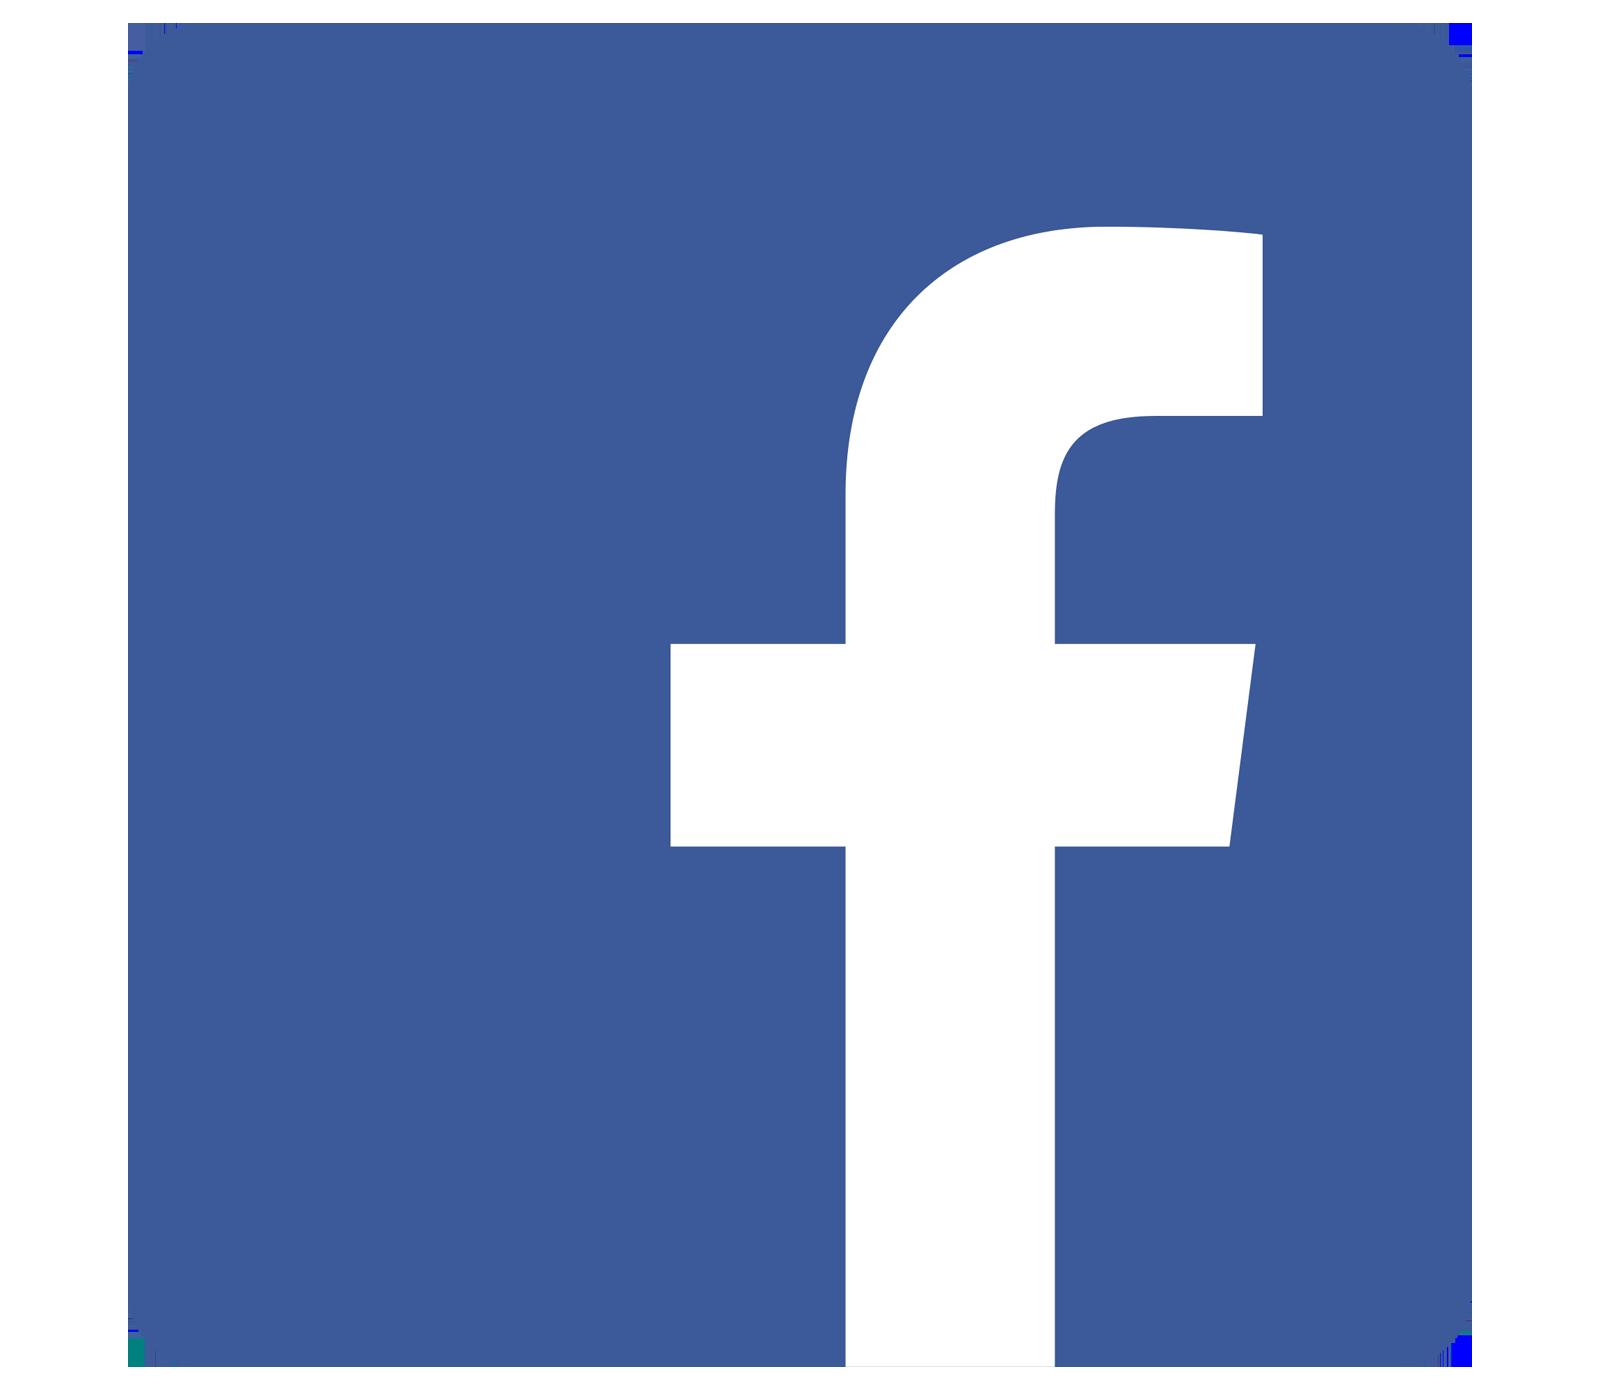 logo facebook amiaud peche